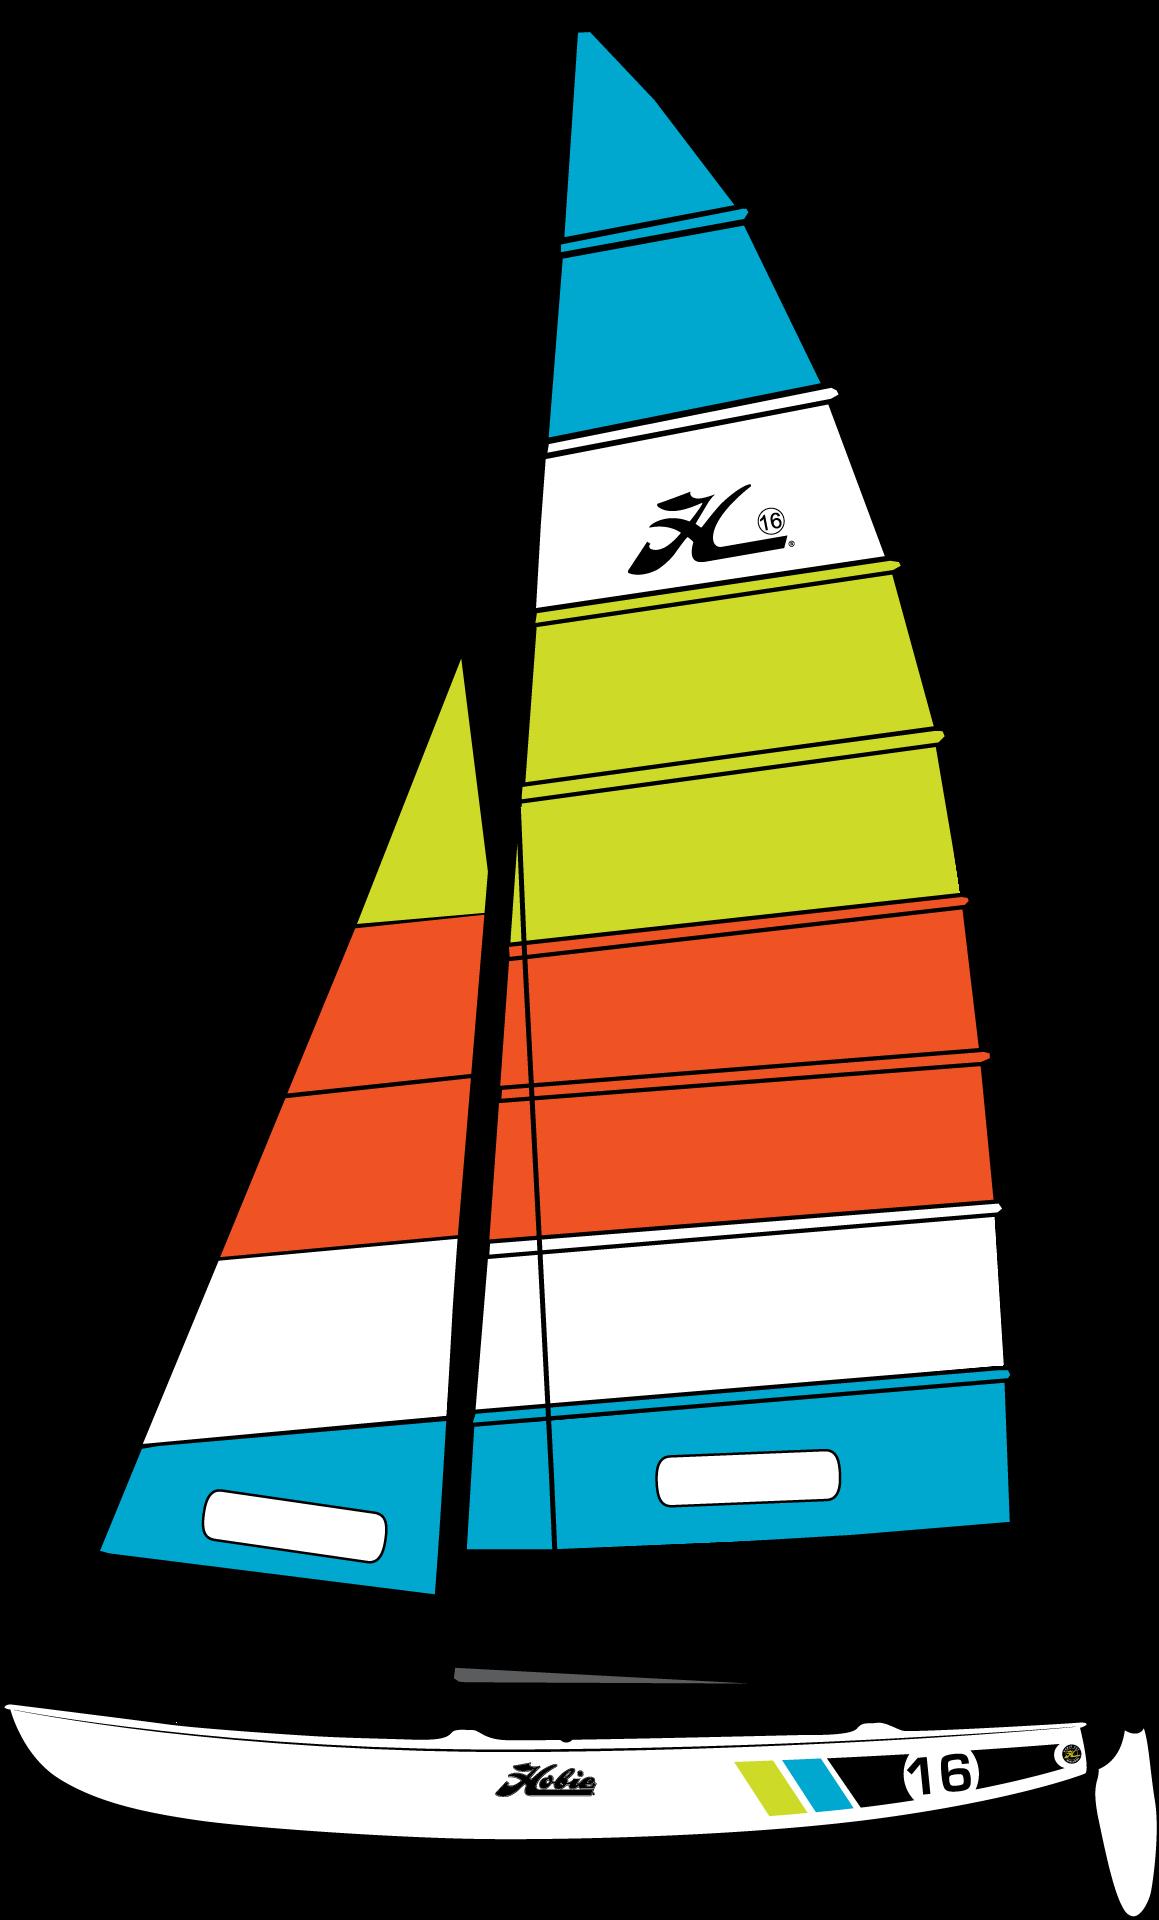 Hobie 16 Catamarans